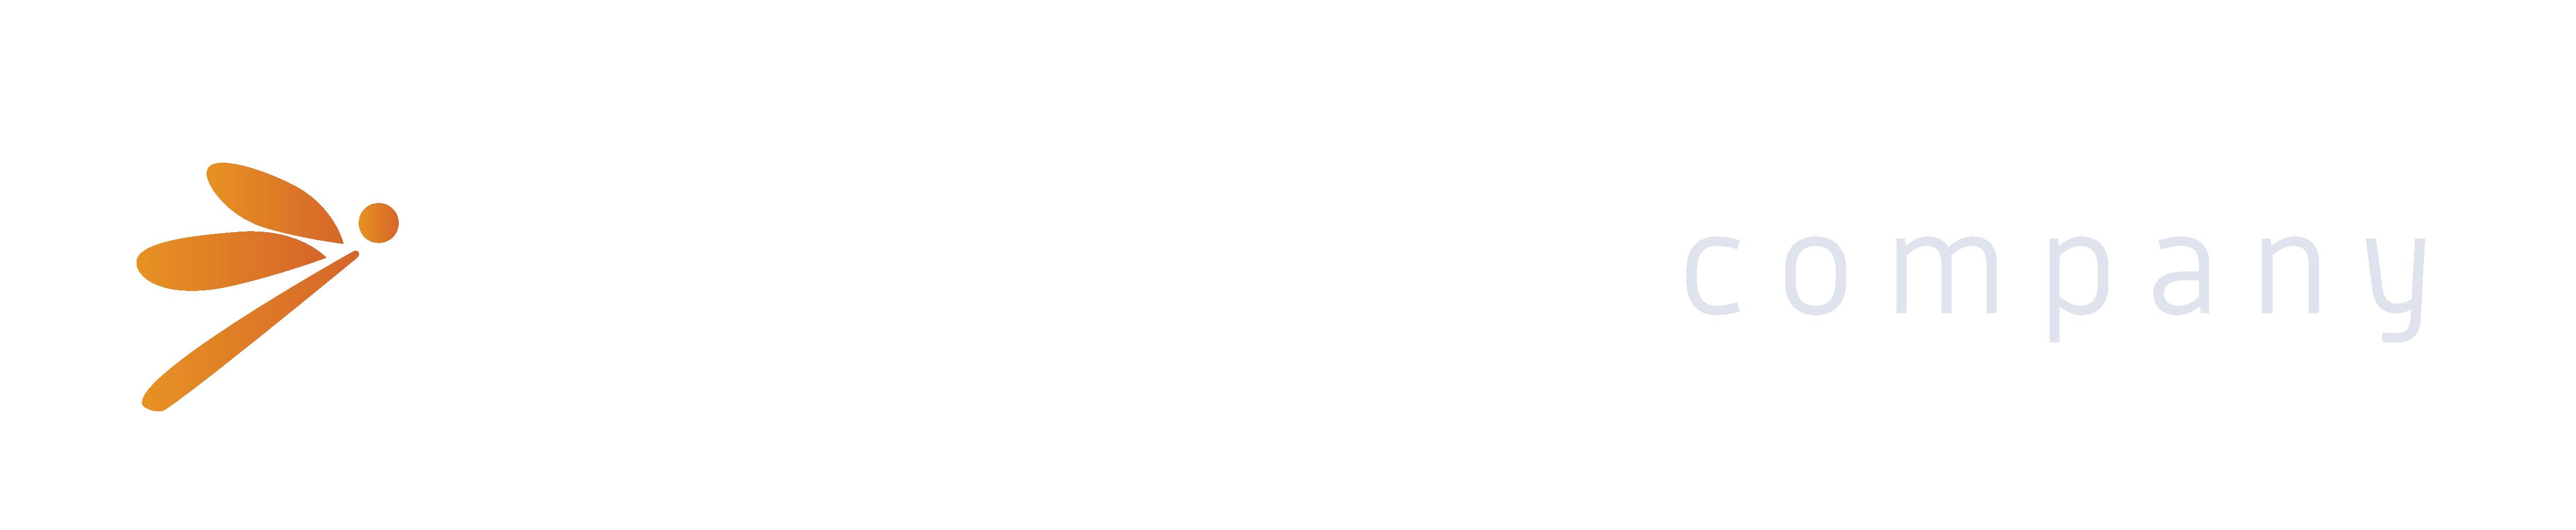 Dragonfly Company